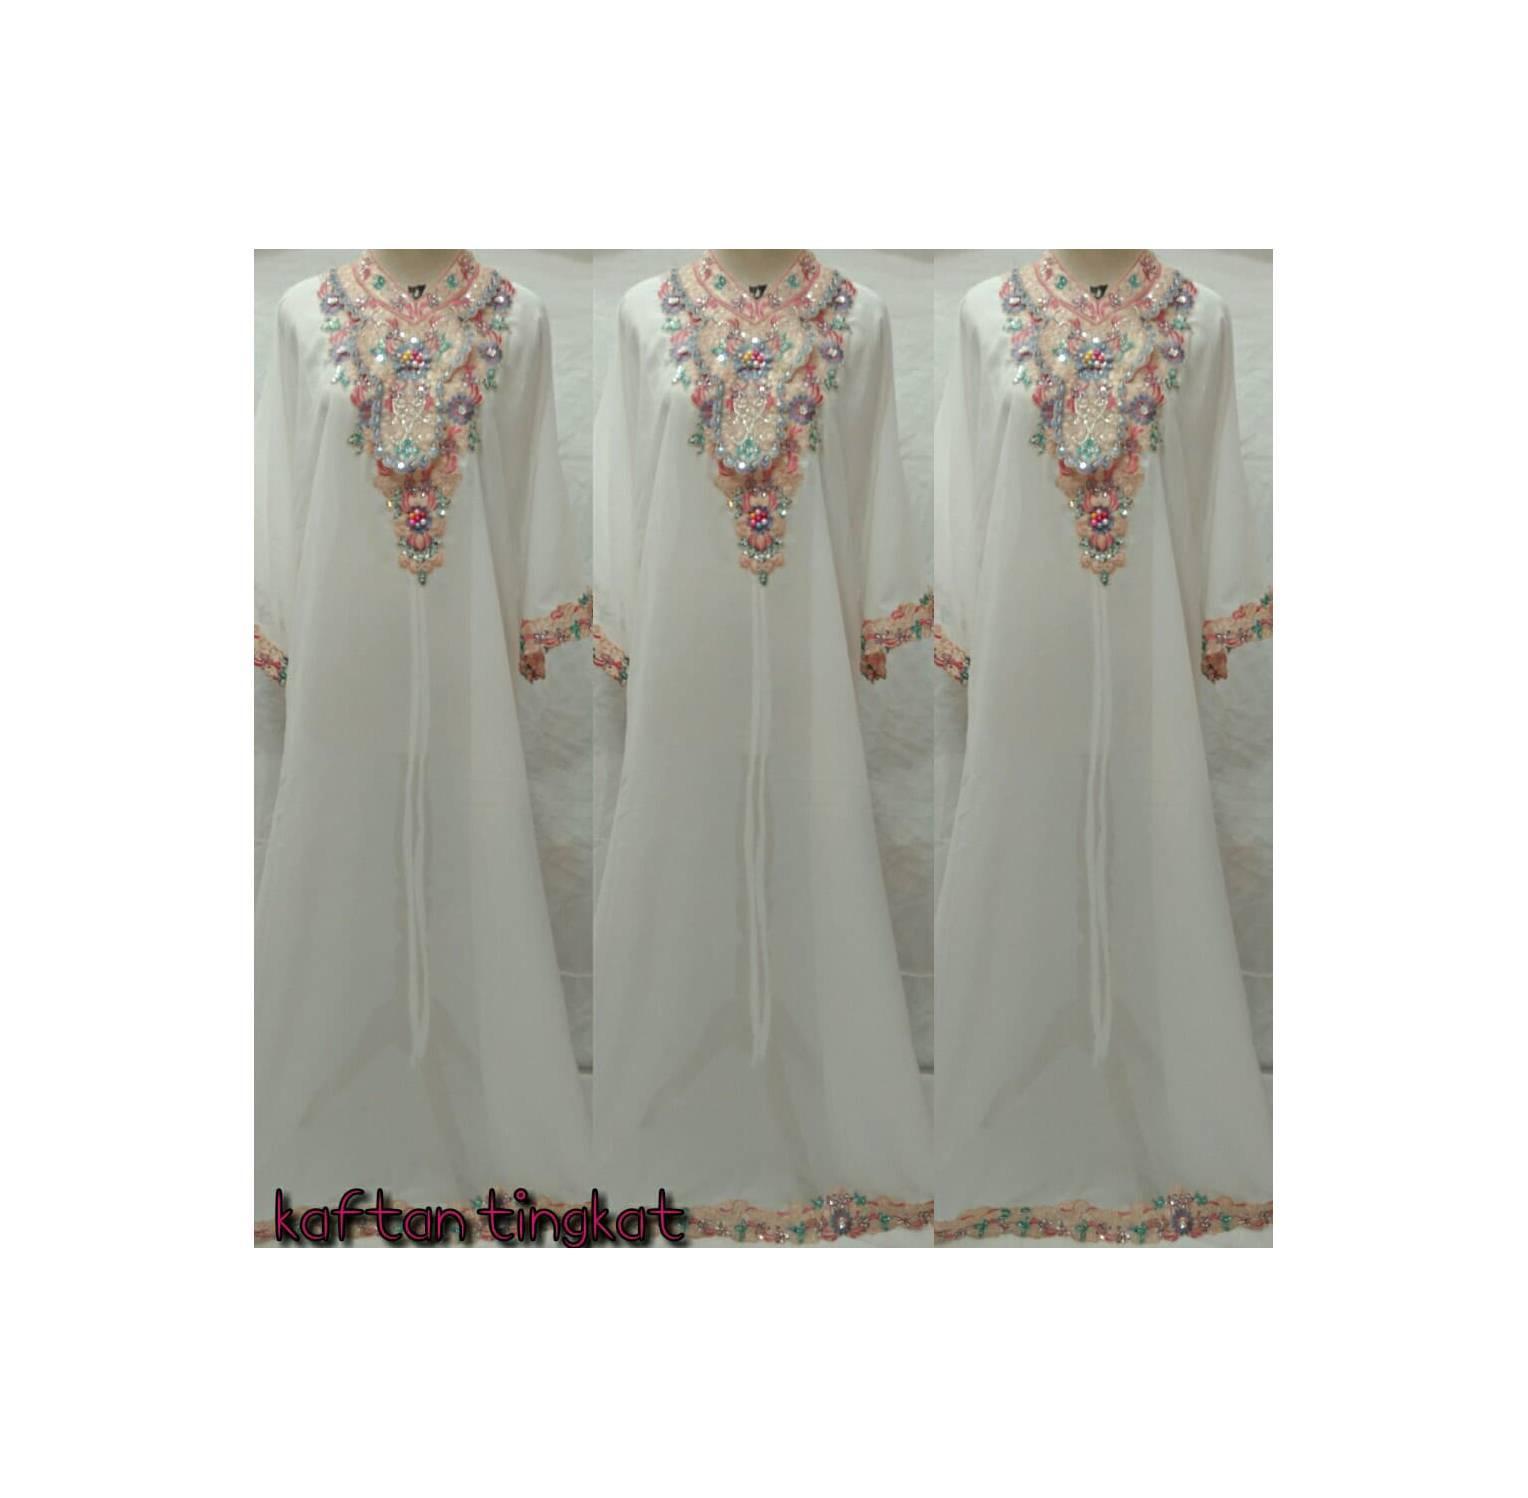 94a43f7b717da38cac067c70702d0272 Inilah Daftar Harga Download Model Baju Gamis Batik Kombinasi Polos Terbaik waktu ini